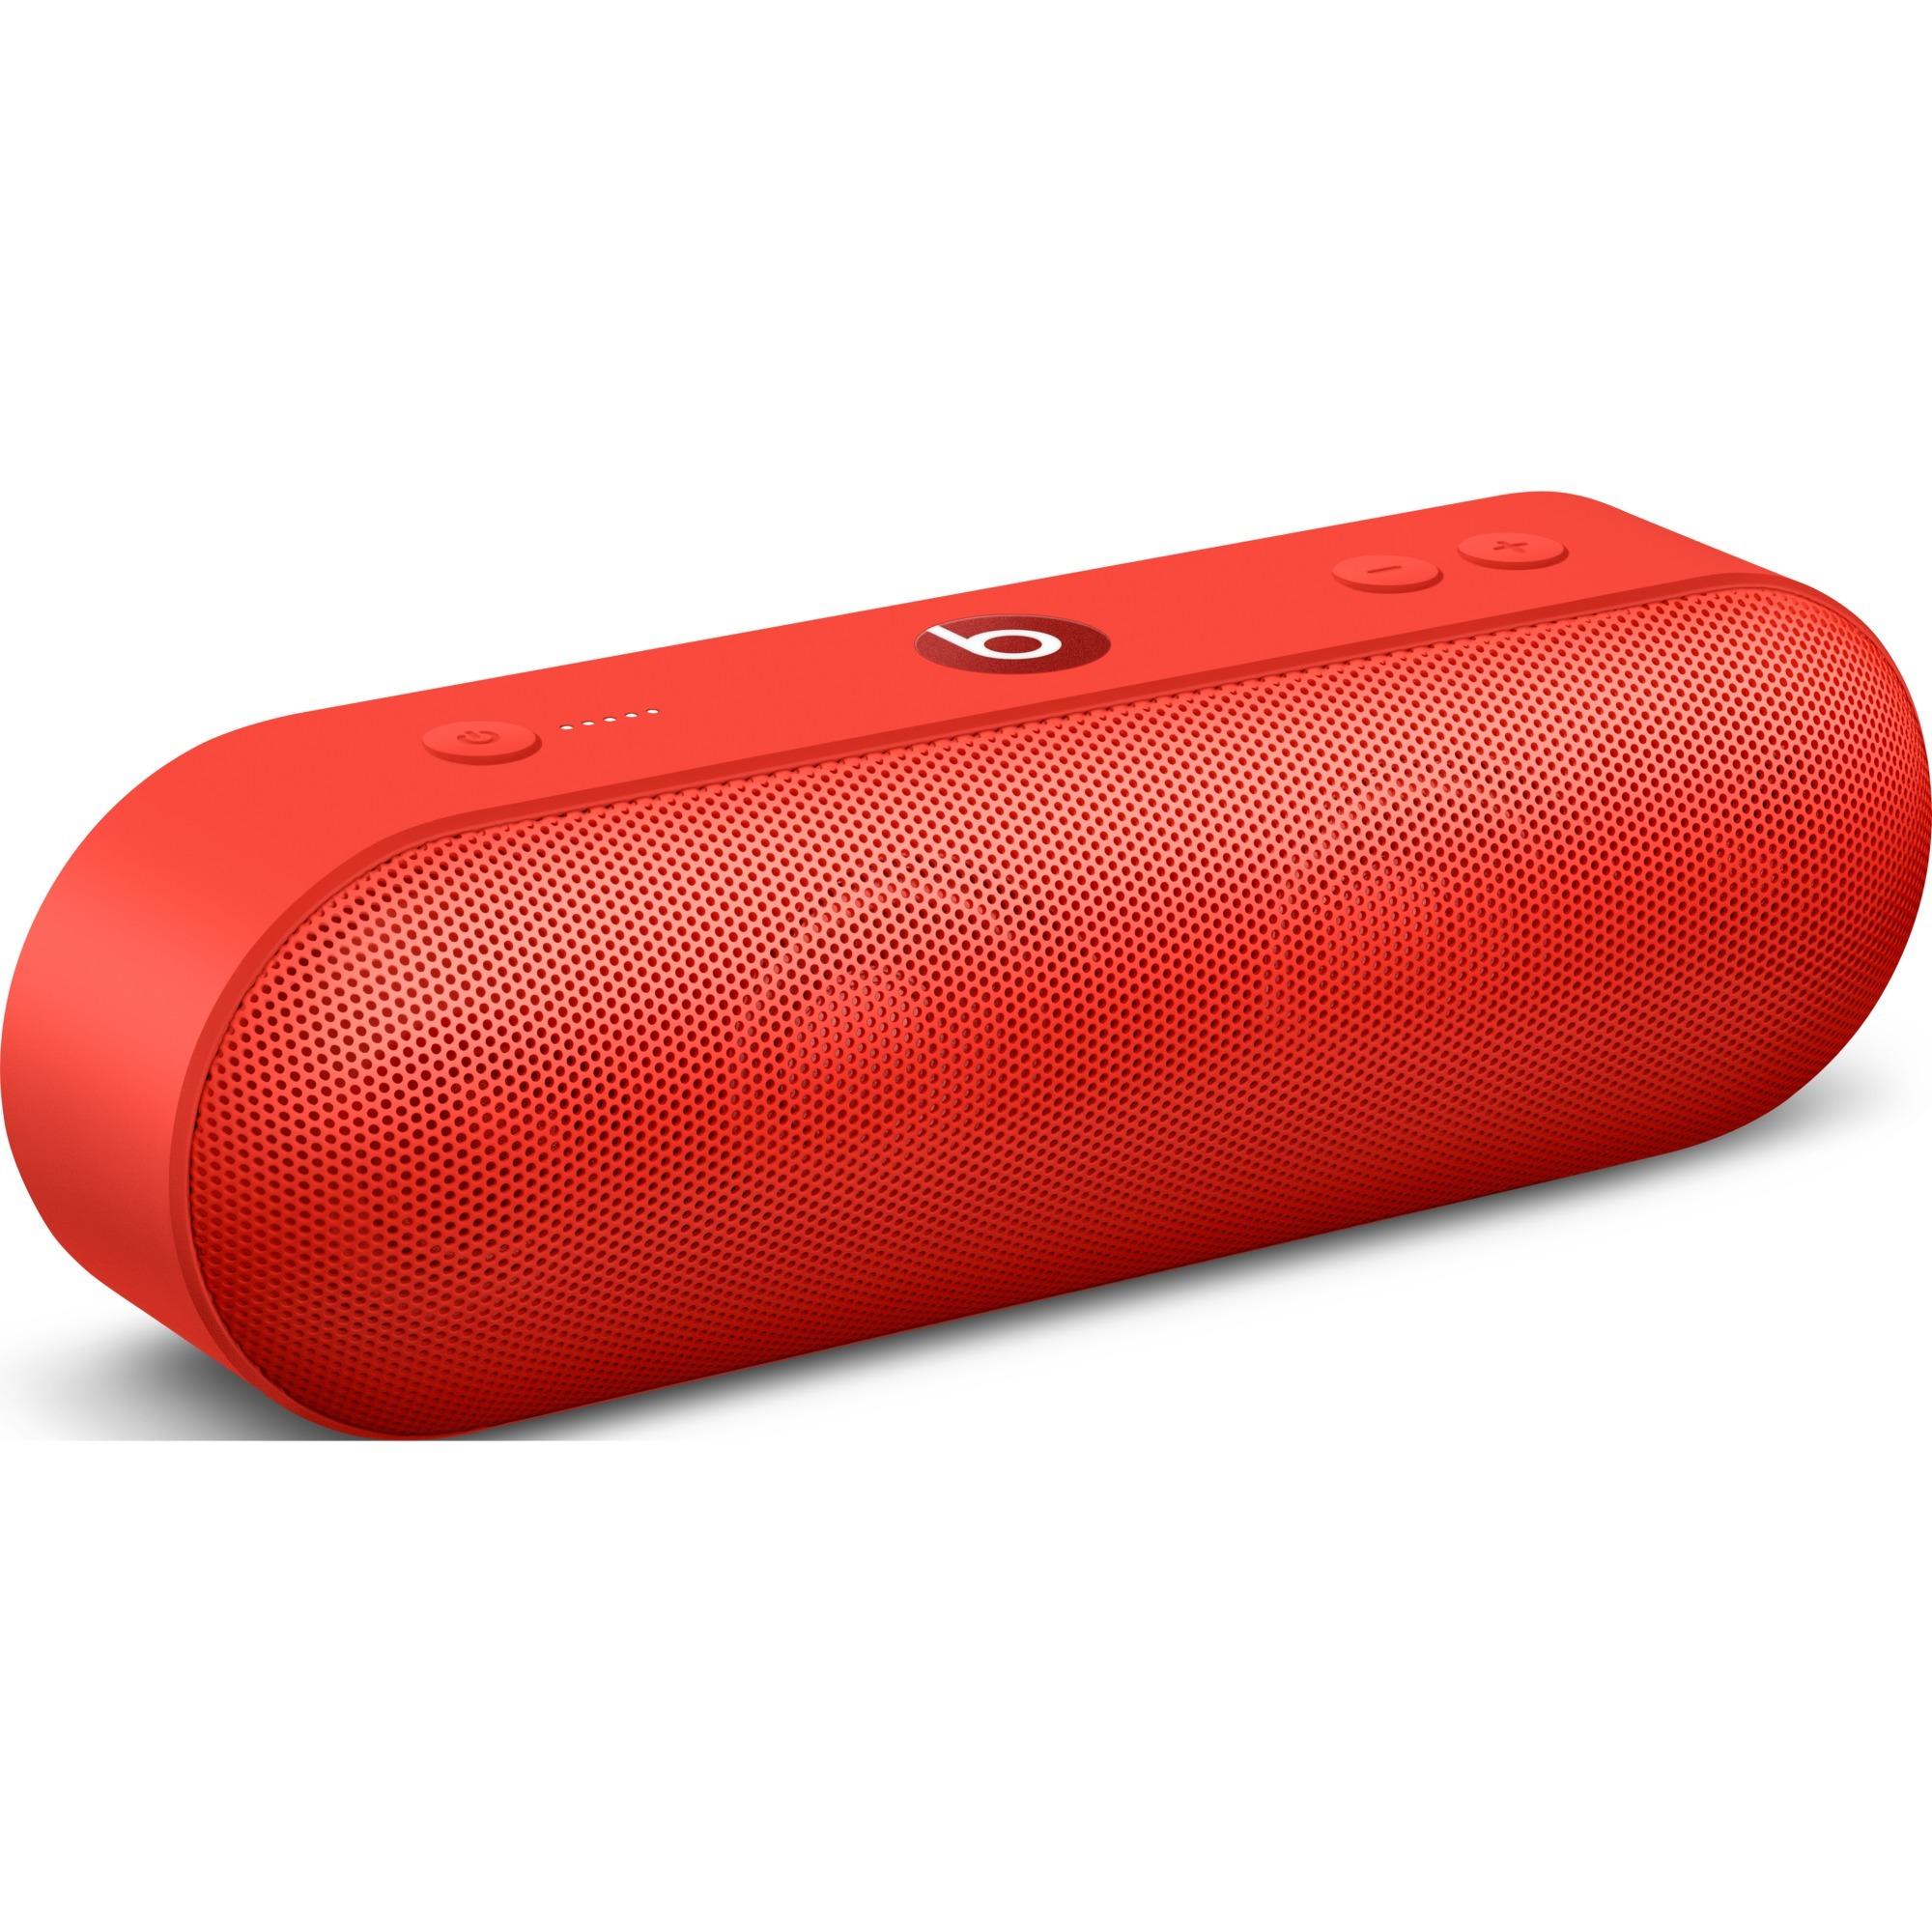 Beats Pill+ Altavoz portátil estéreo Rojo